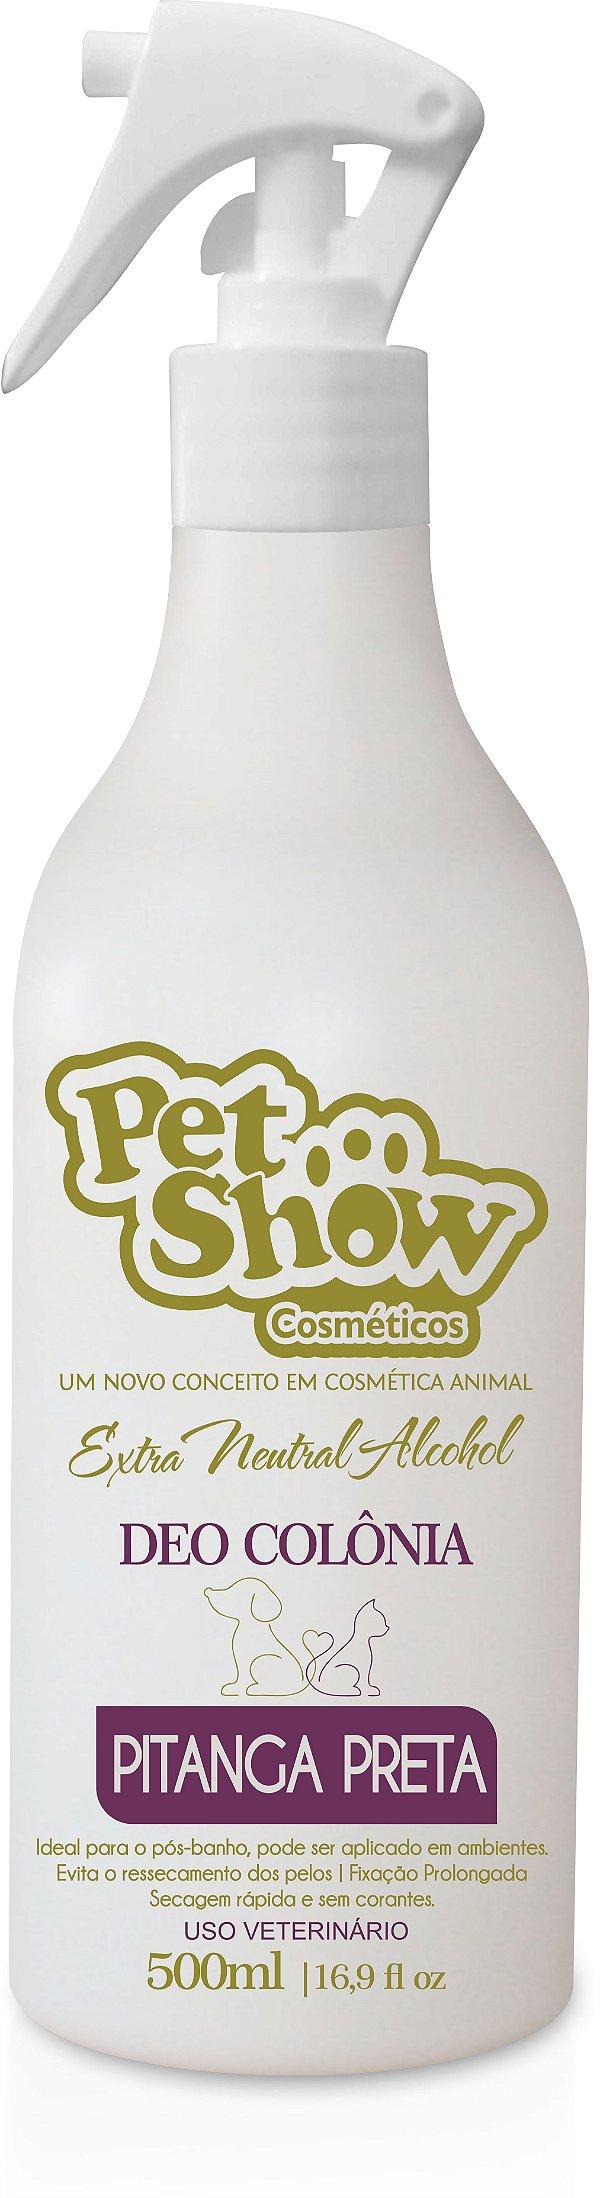 DEO COLONIA PITANGA PRETA 500ML - PET SHOW